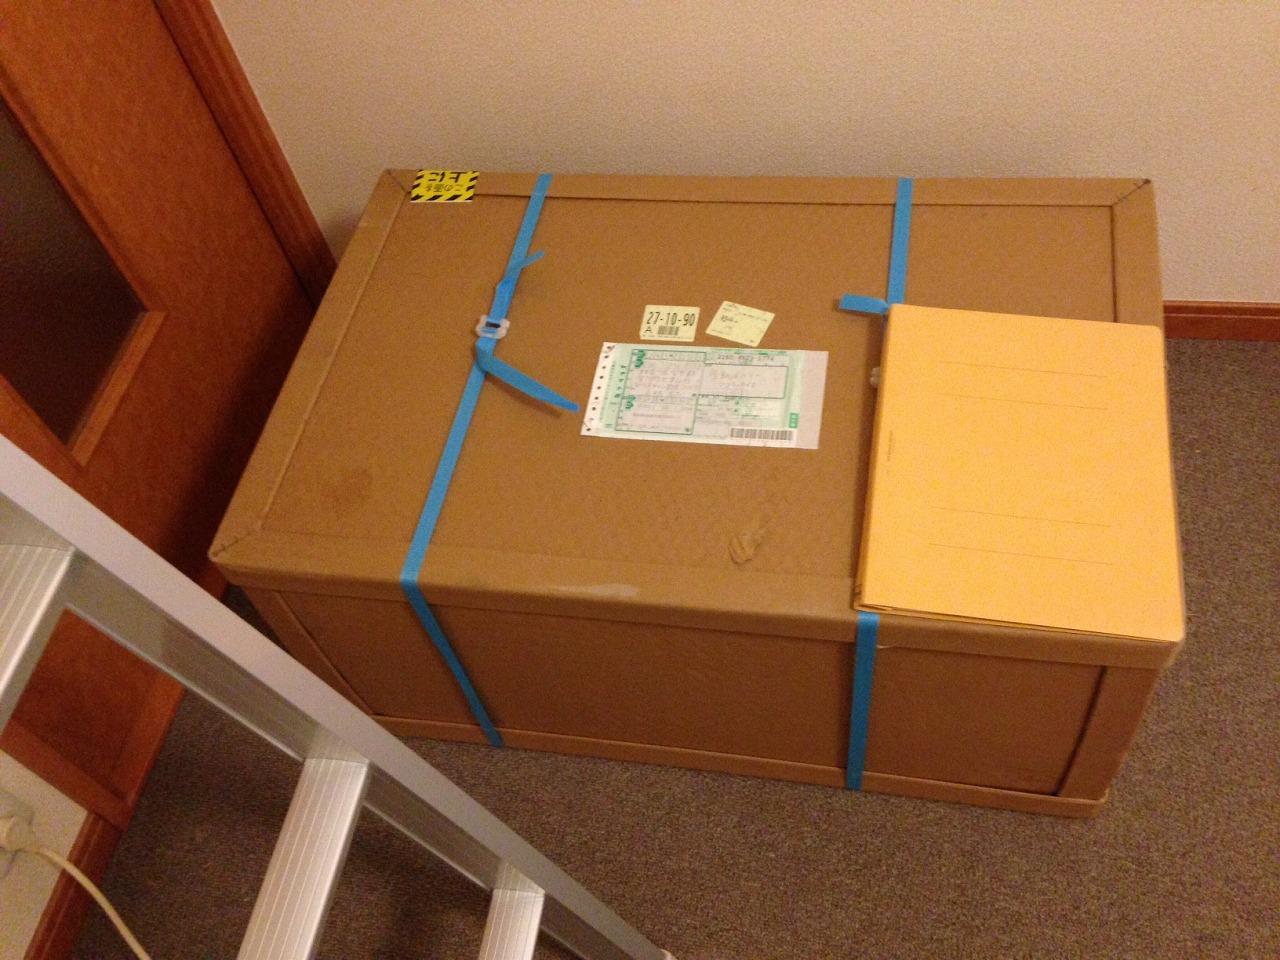 送られて来た梱包状態